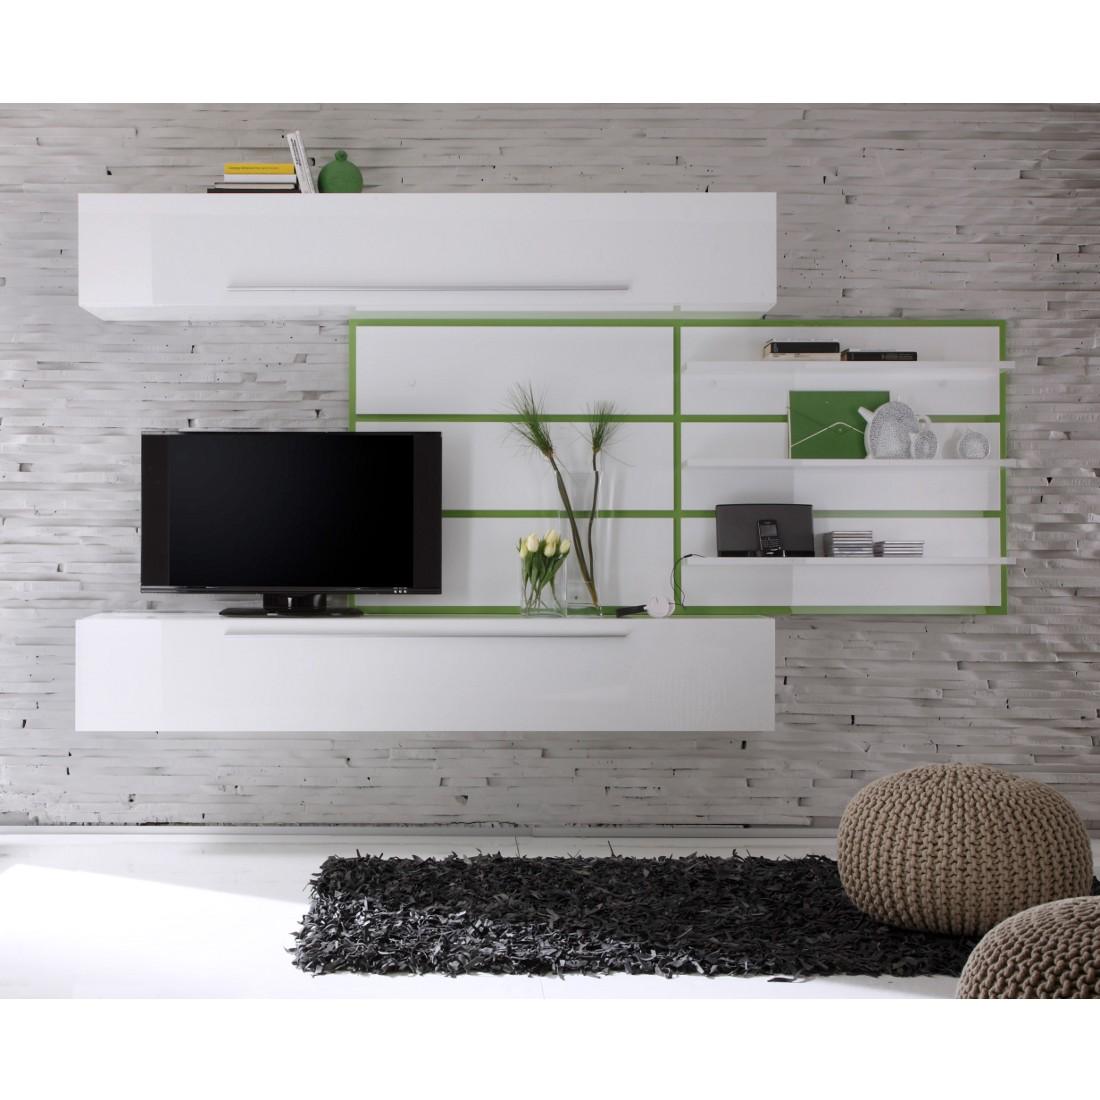 Wohnwand Coloret Weiß/Grün - Hochglanz